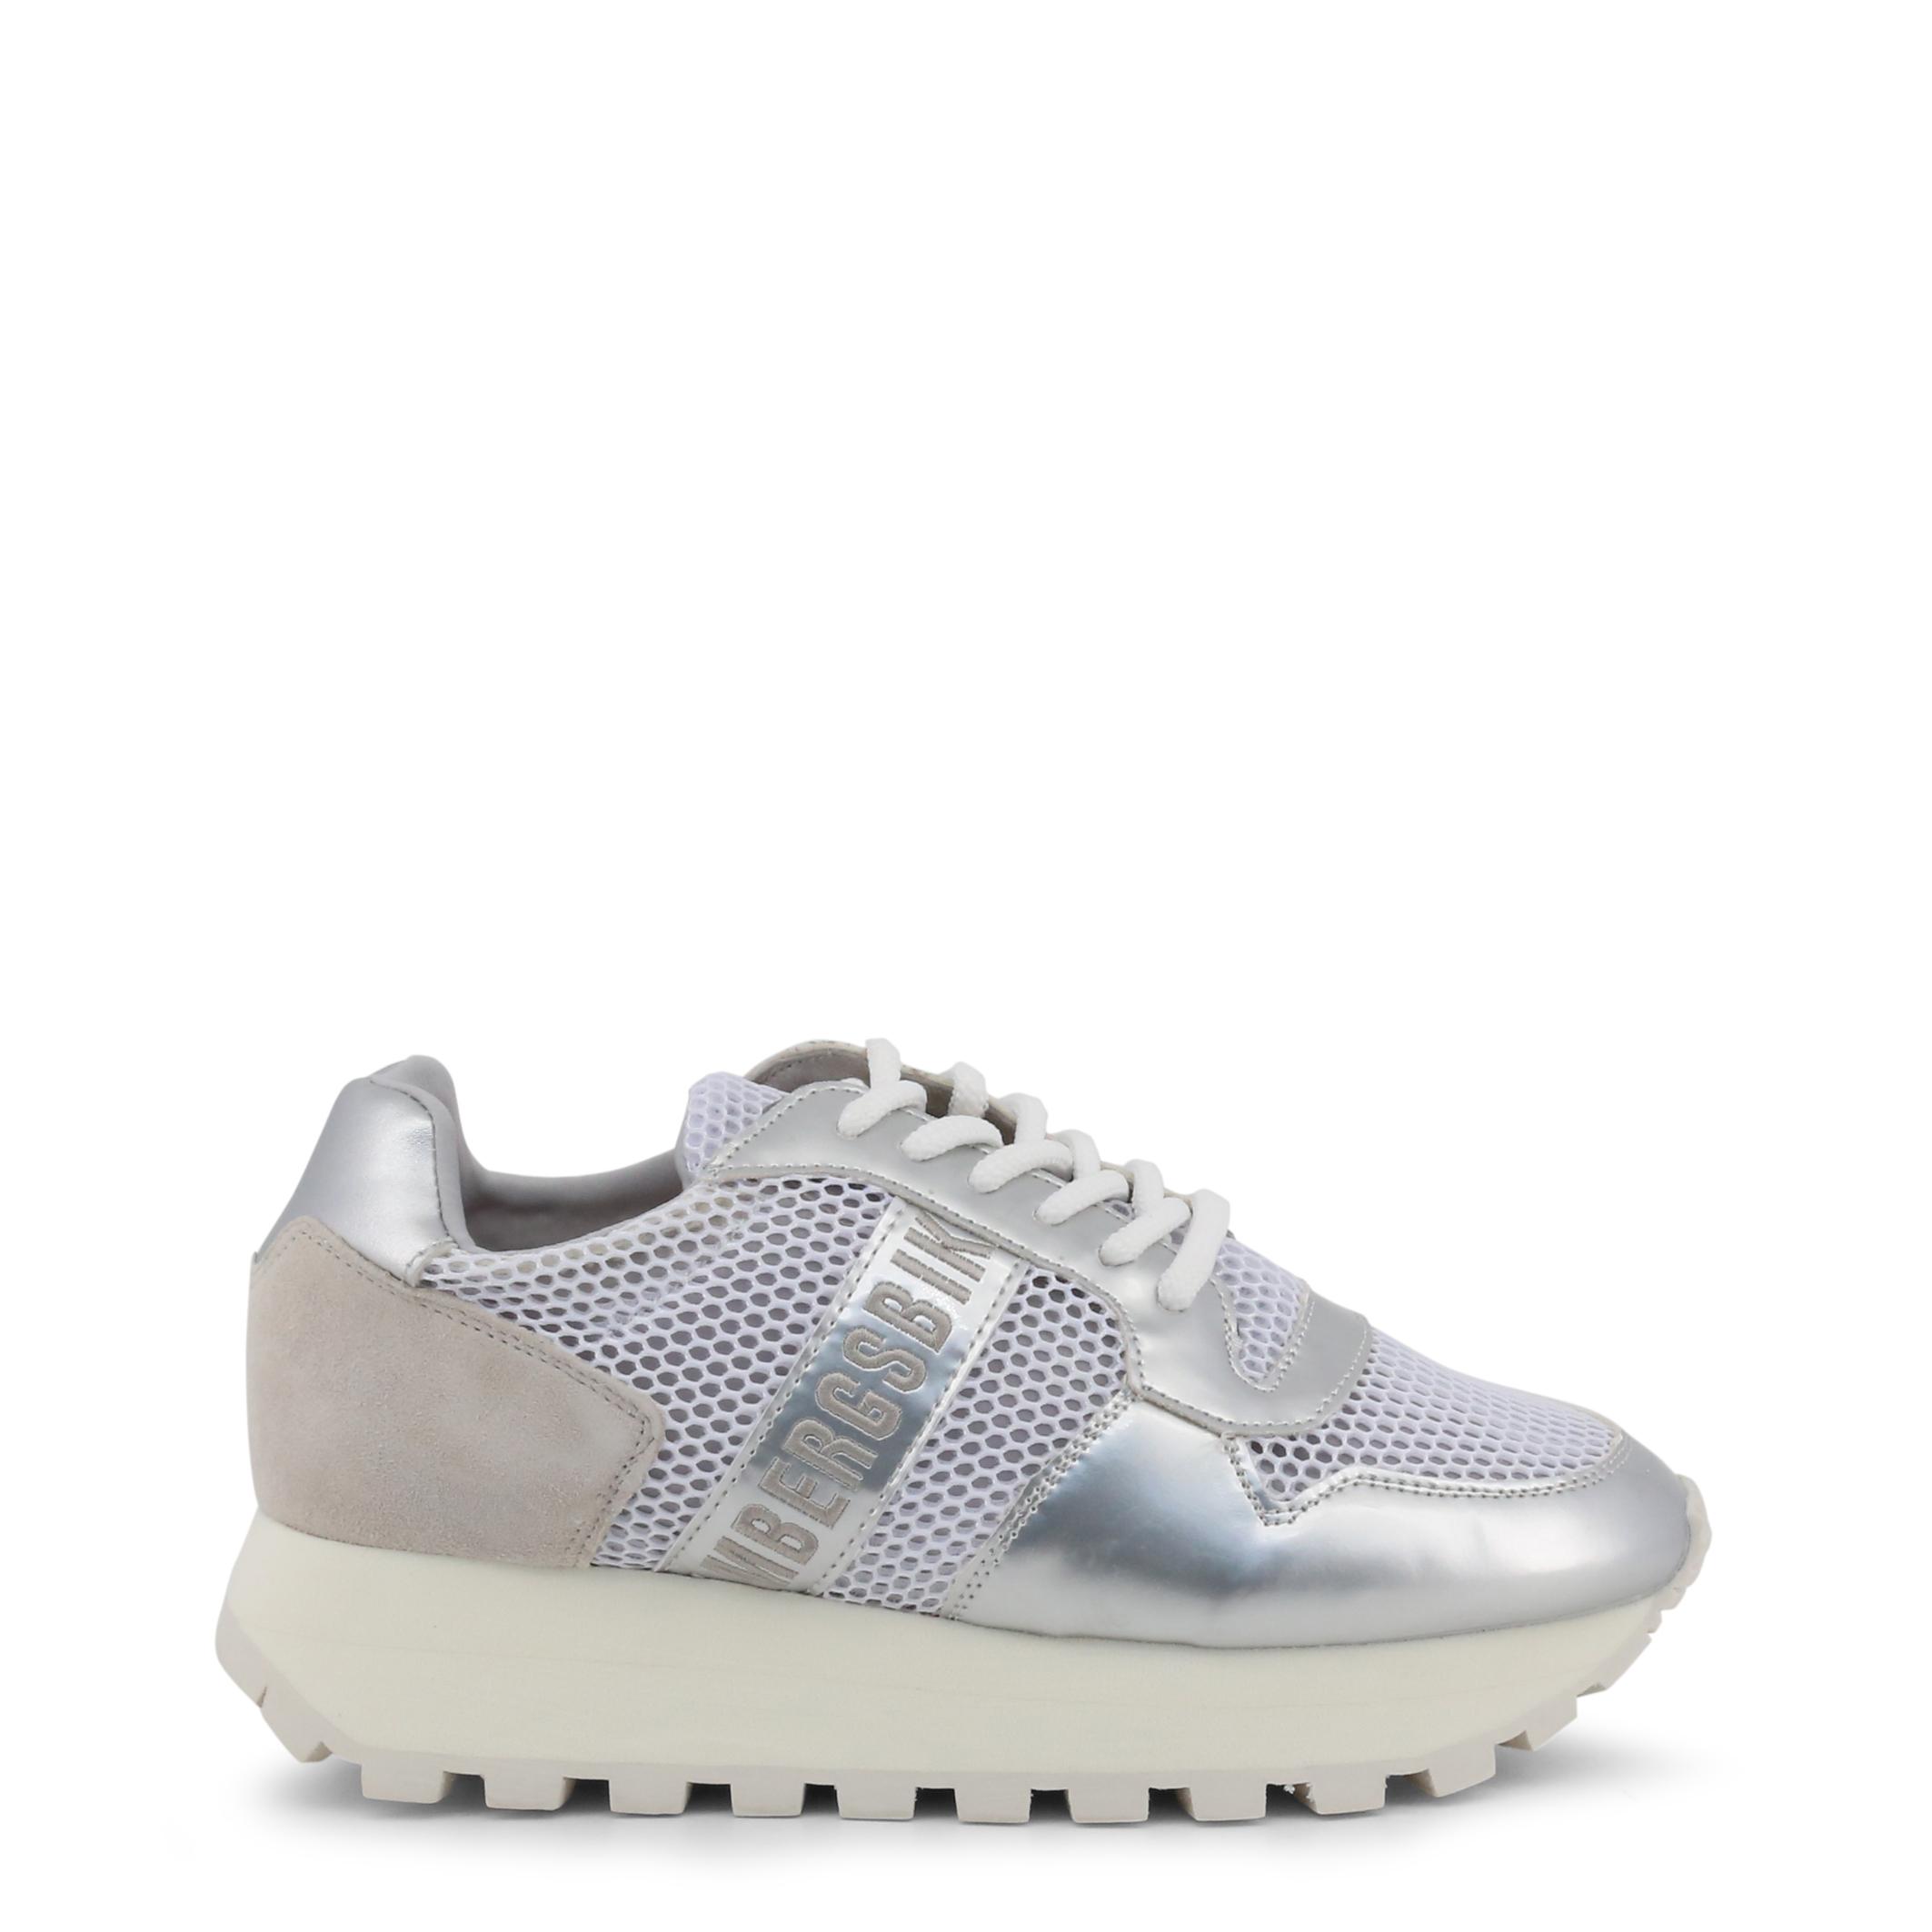 Baskets / Sneakers  Bikkembergs FEND-ER_2087-MESH white